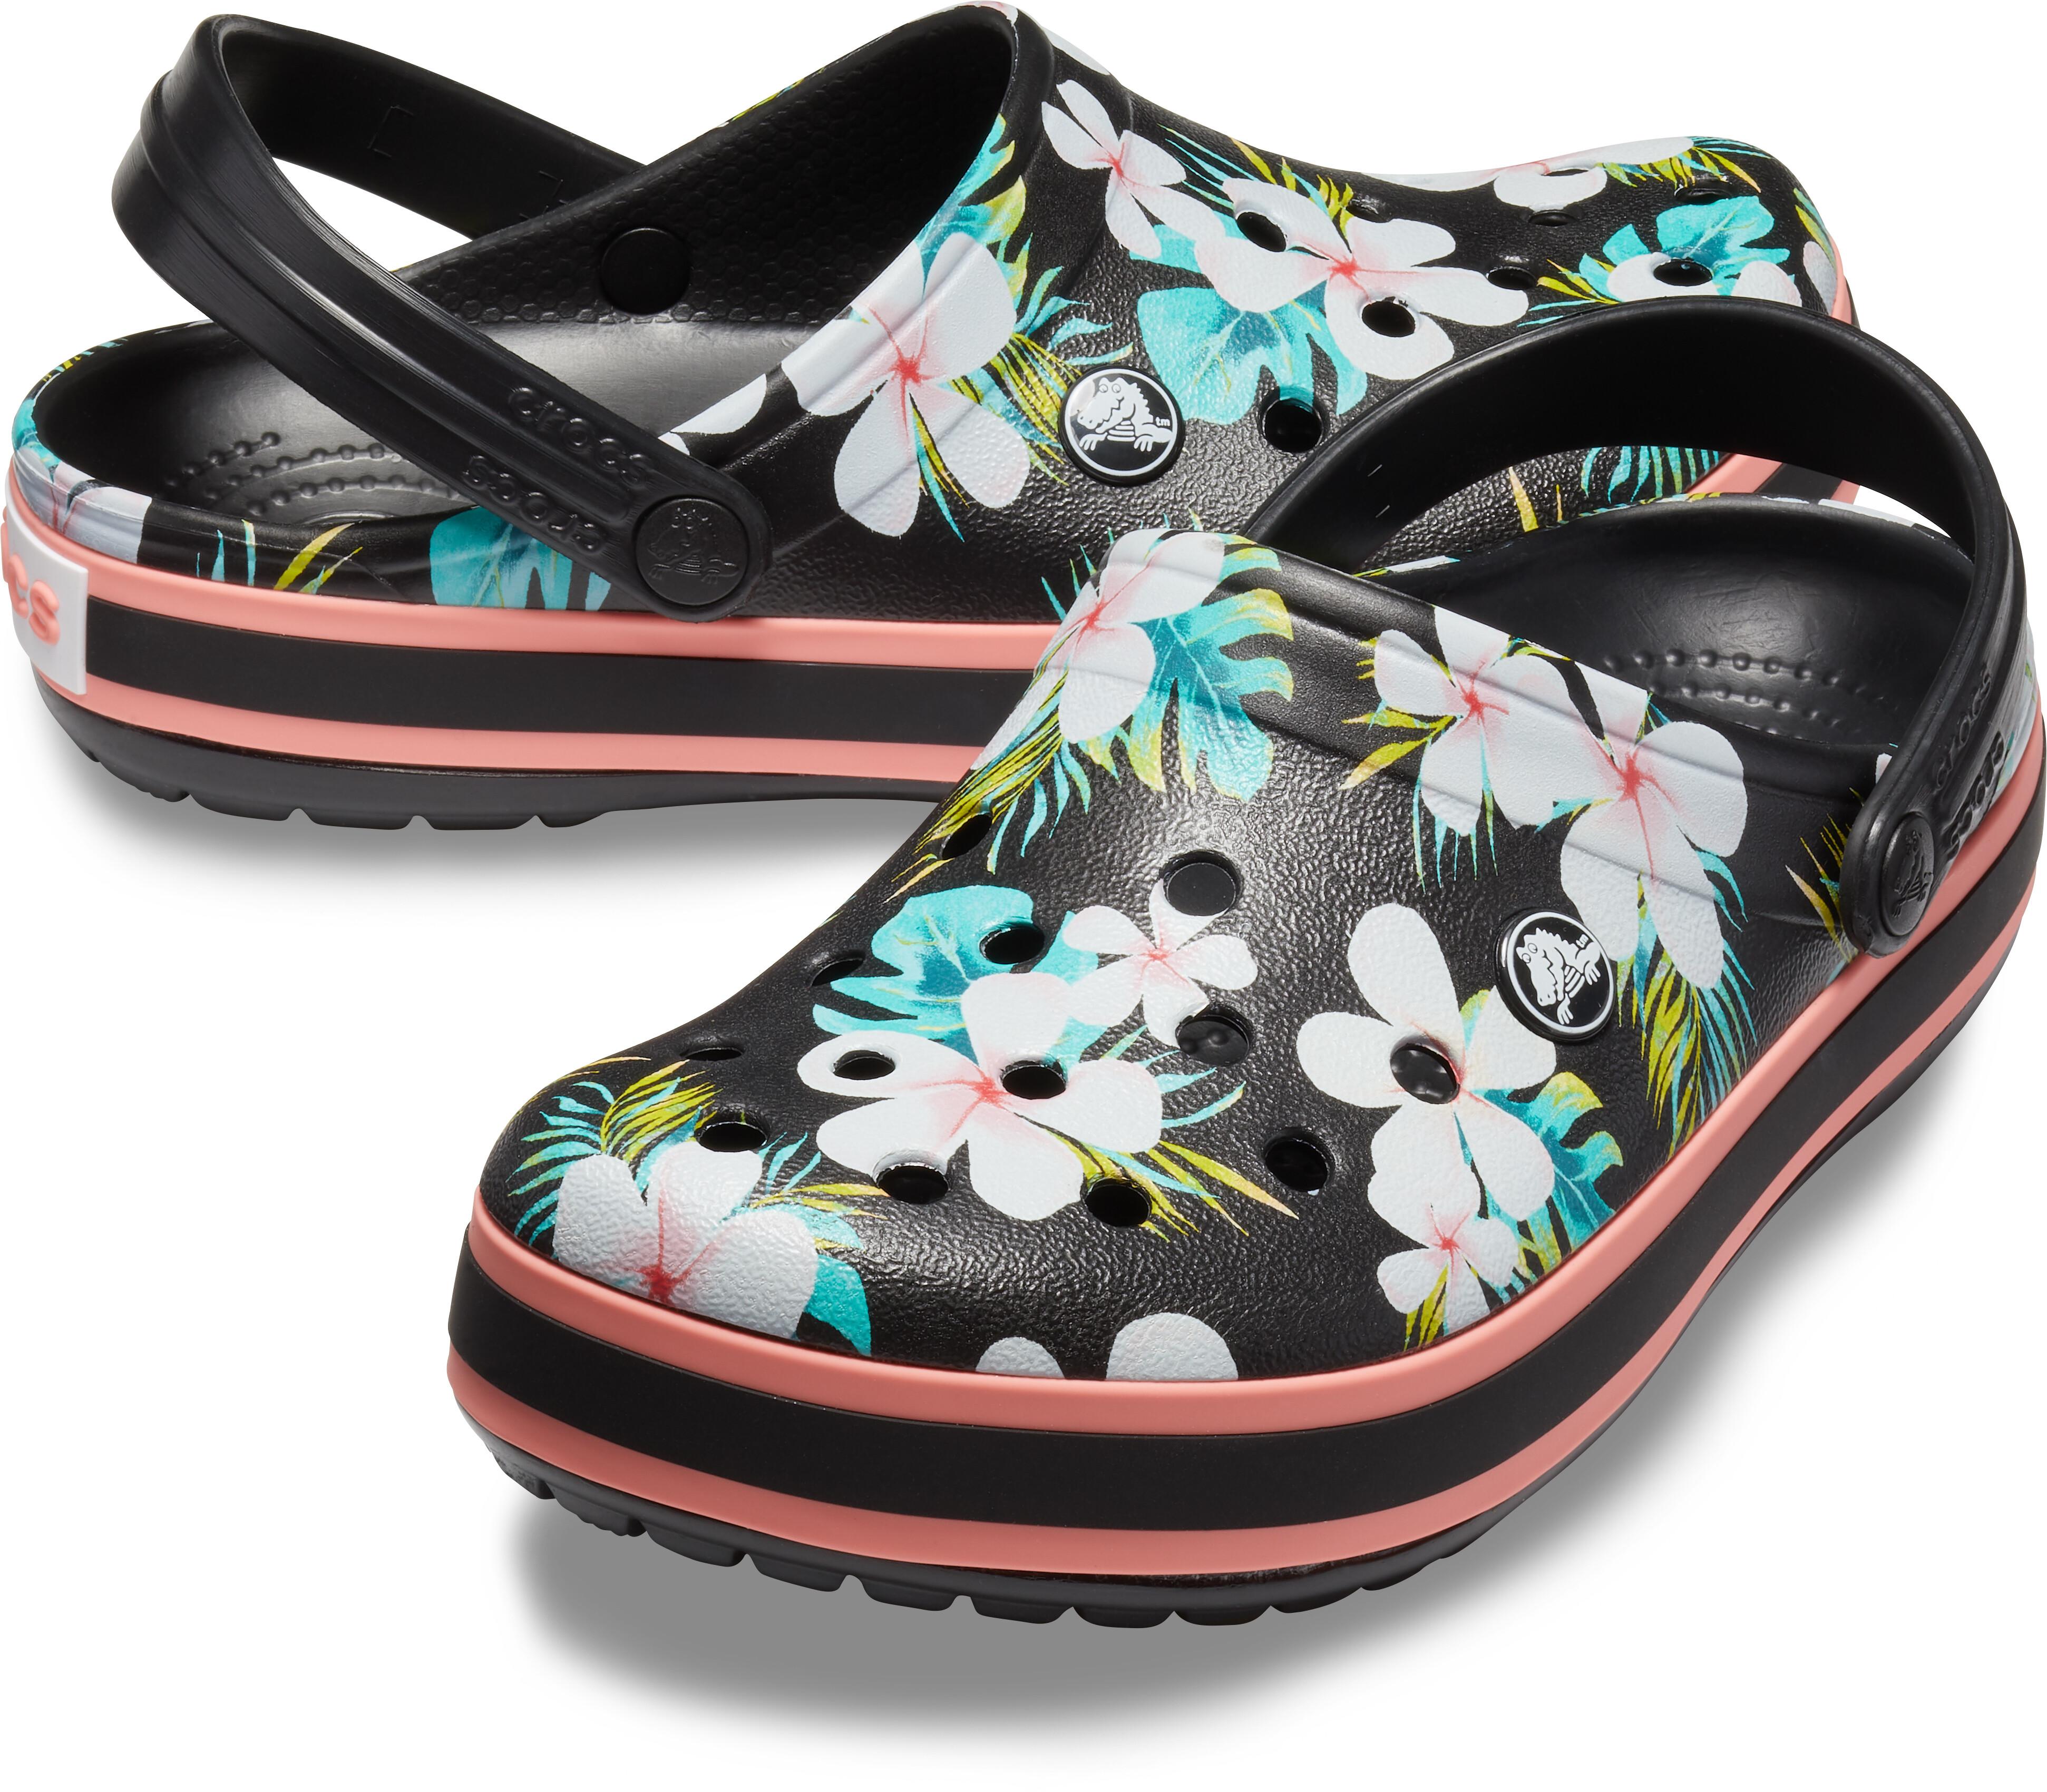 d65868970034 Crocs Crocband Seasonal Graphic Clogs Unisex Black Floral